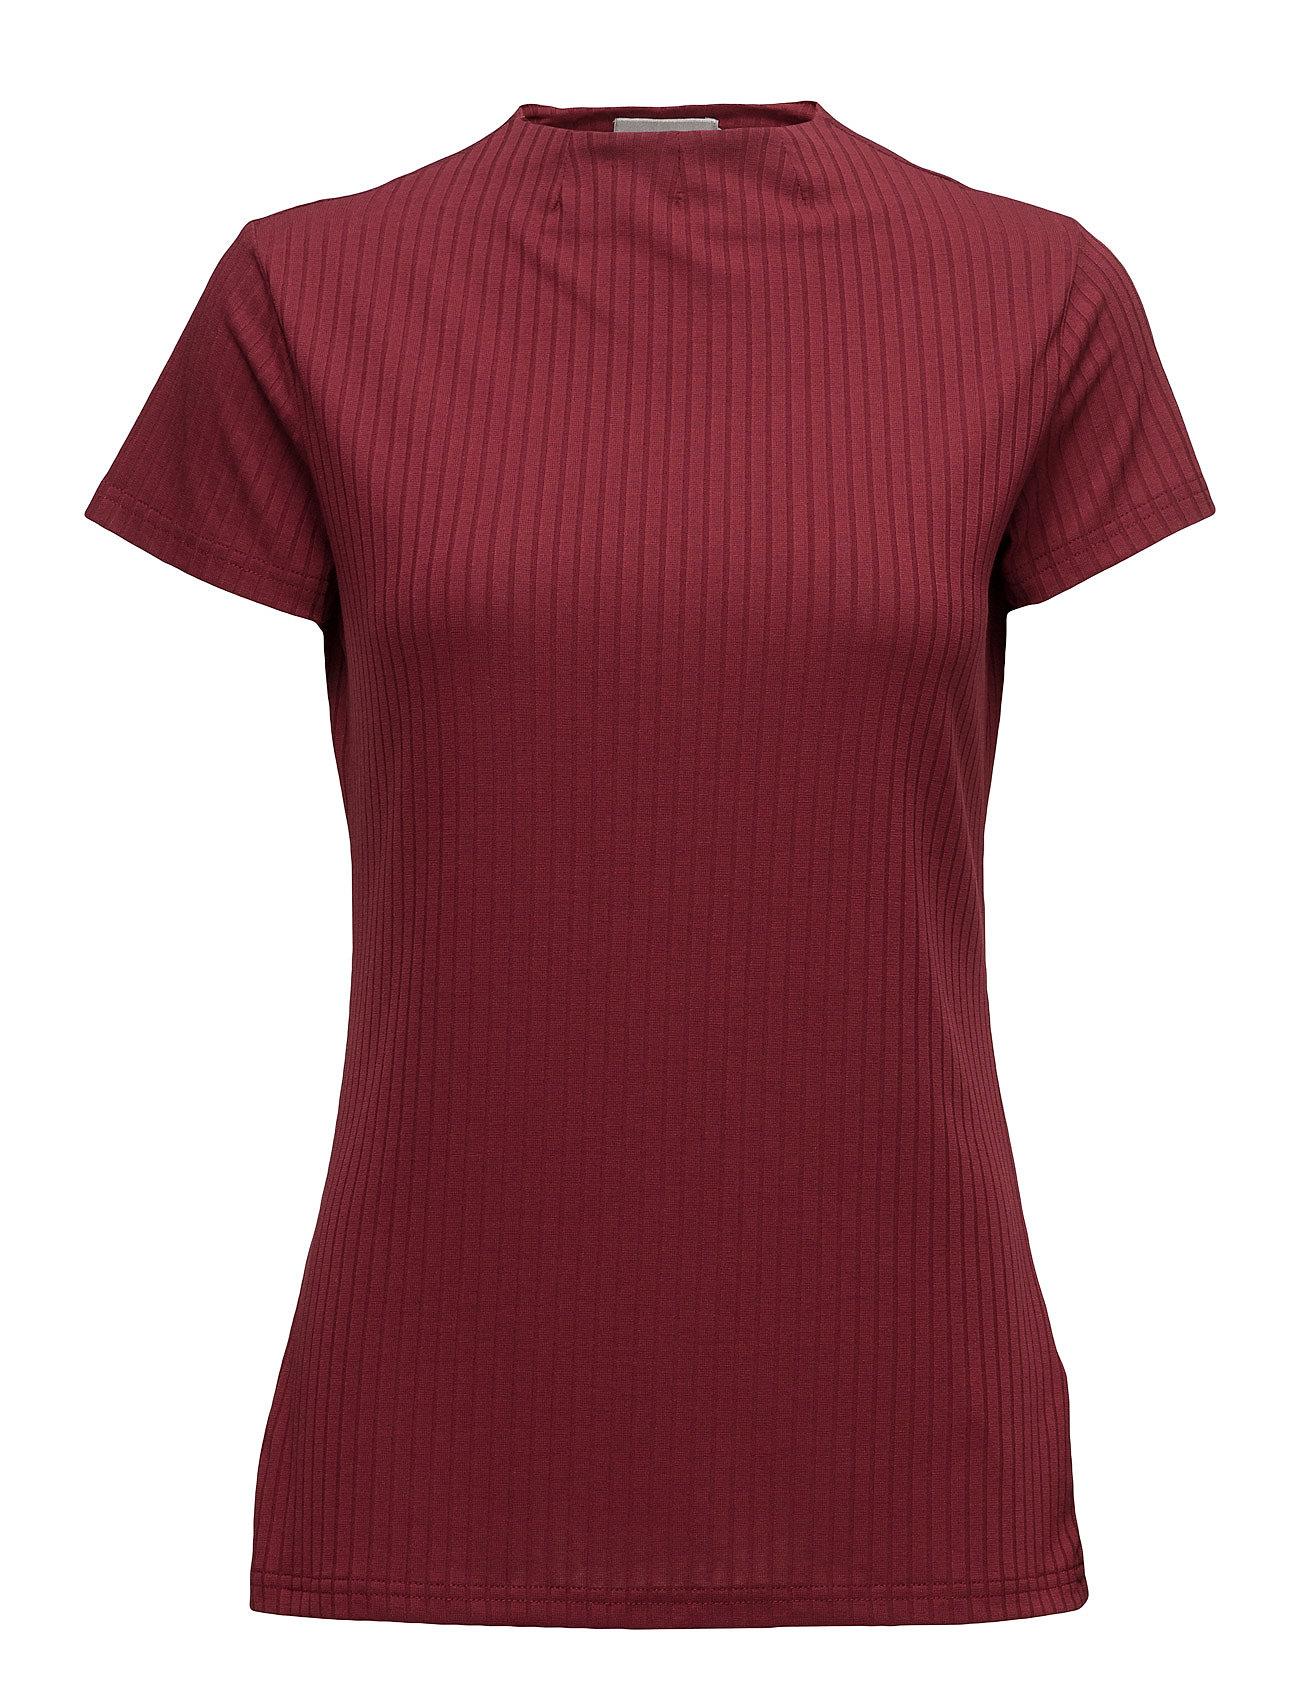 Jibskater 1 T-Shirt Fransa Kortærmede til Damer i